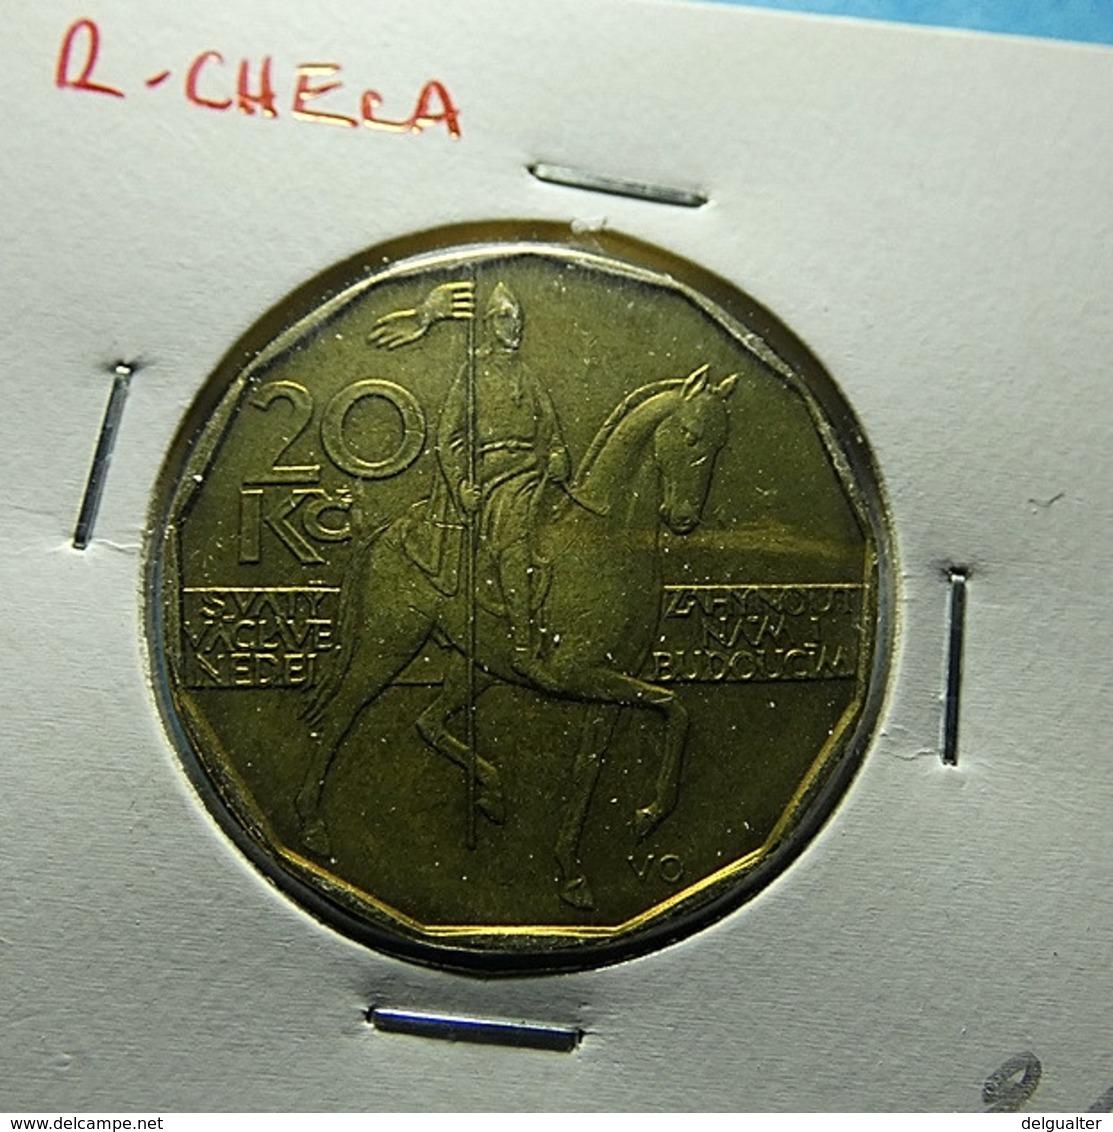 Czech Republic 20 Korun 1993 - Repubblica Ceca